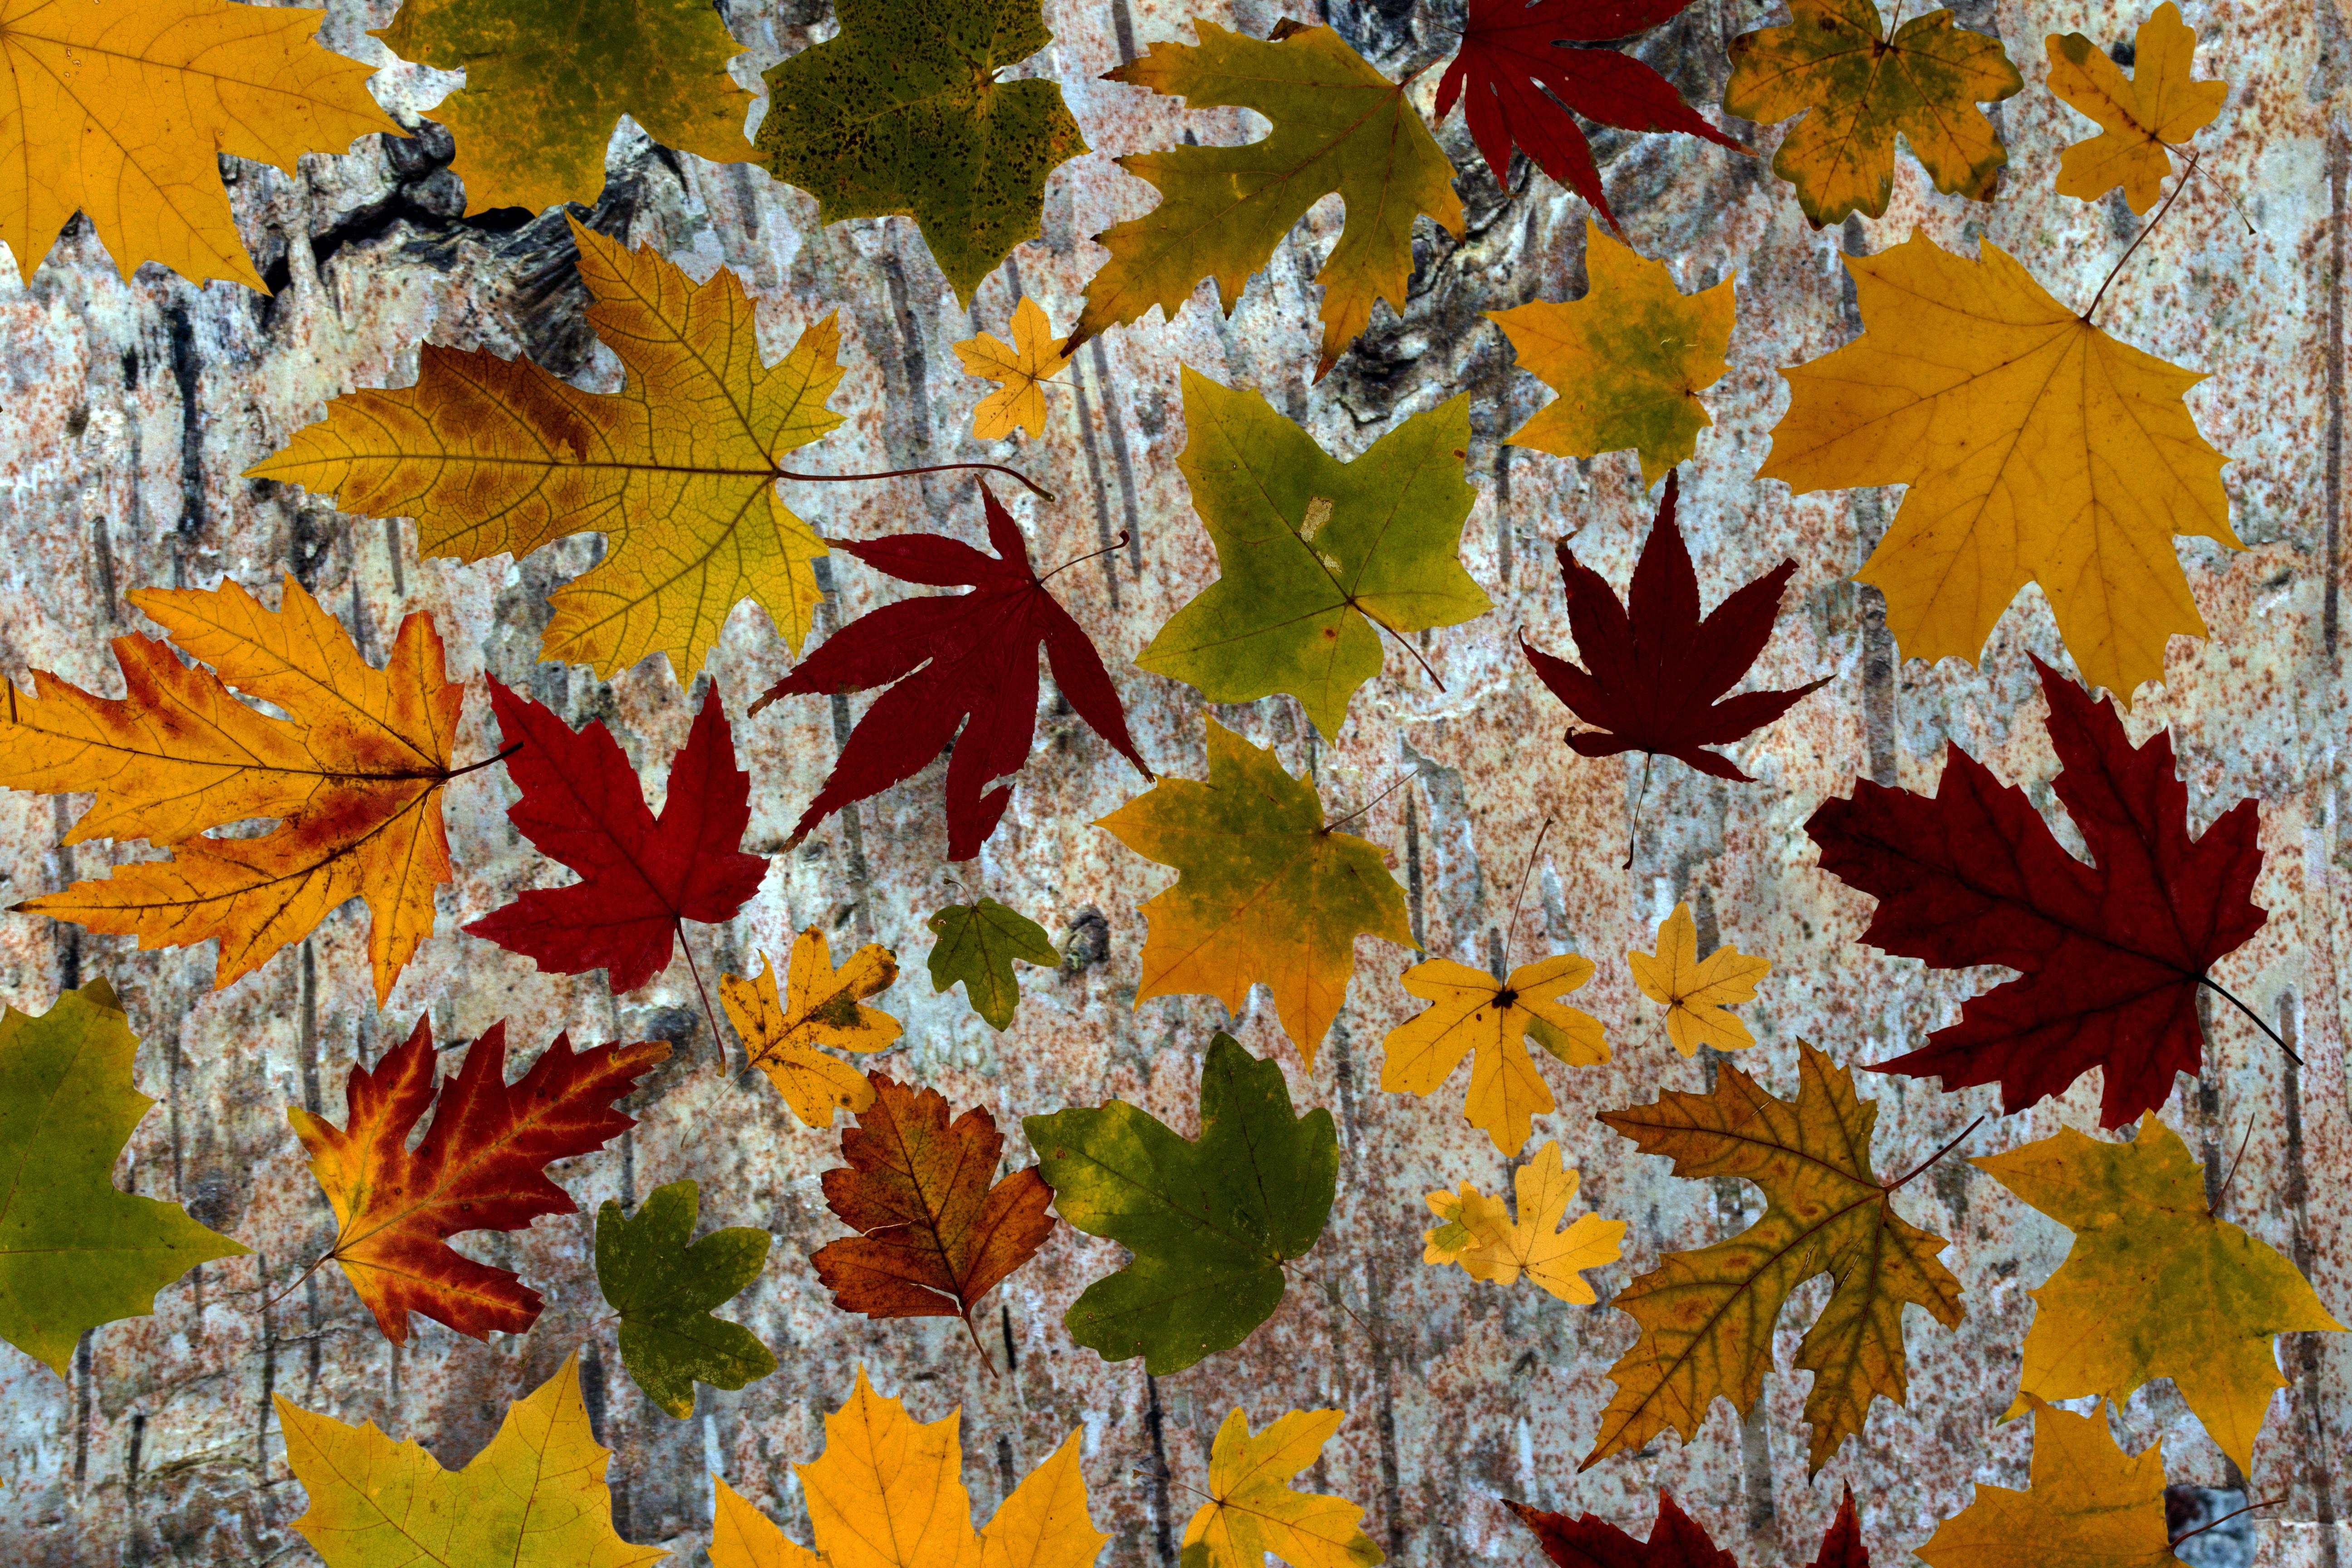 осень картинки кленовые листья картинки того